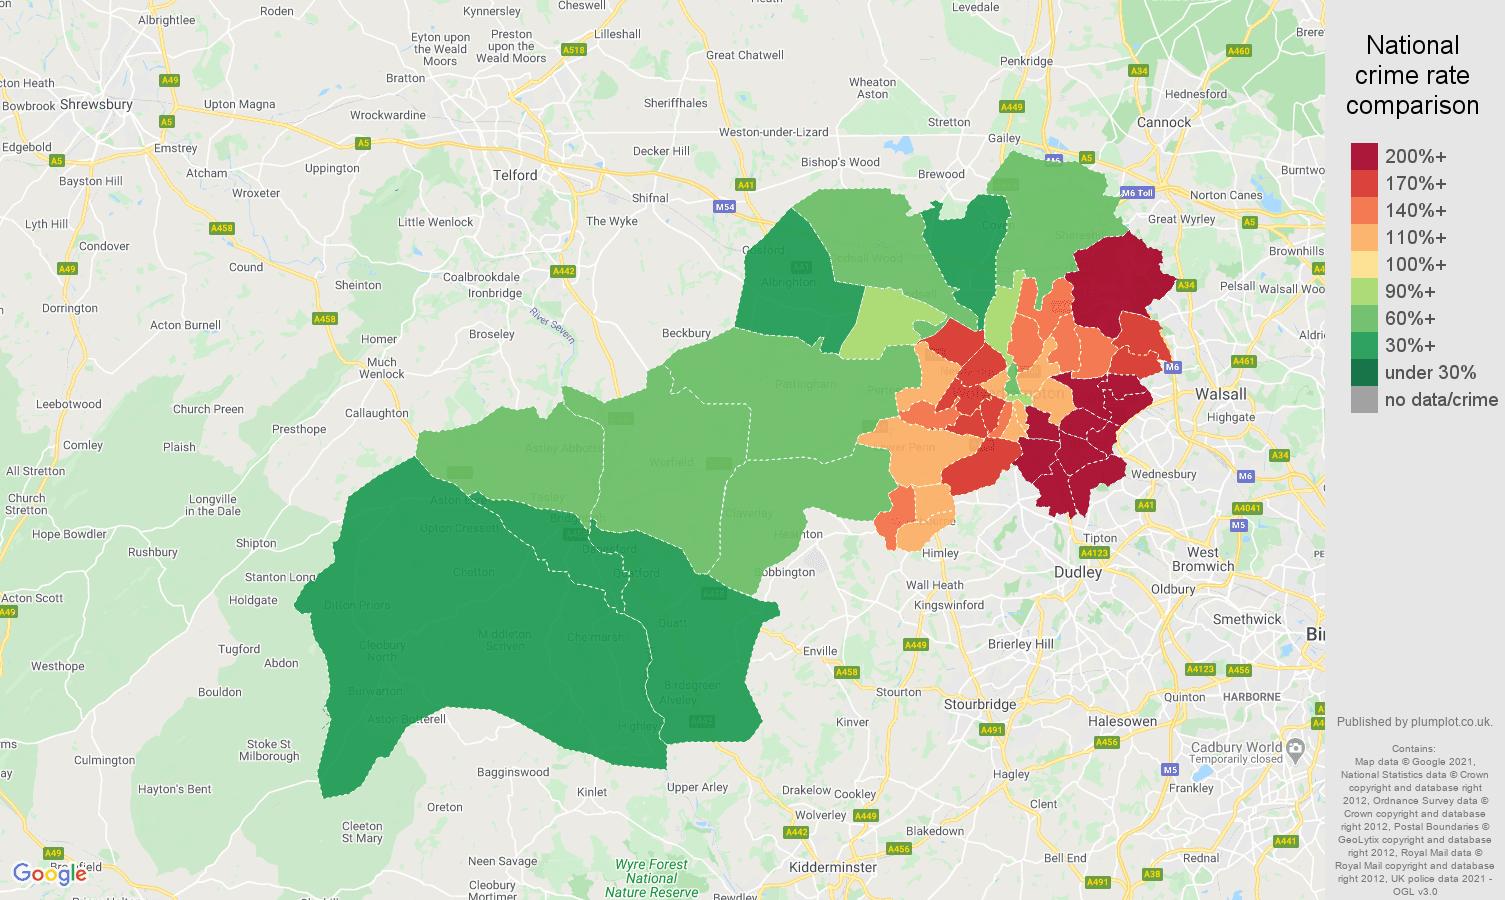 Wolverhampton vehicle crime rate comparison map